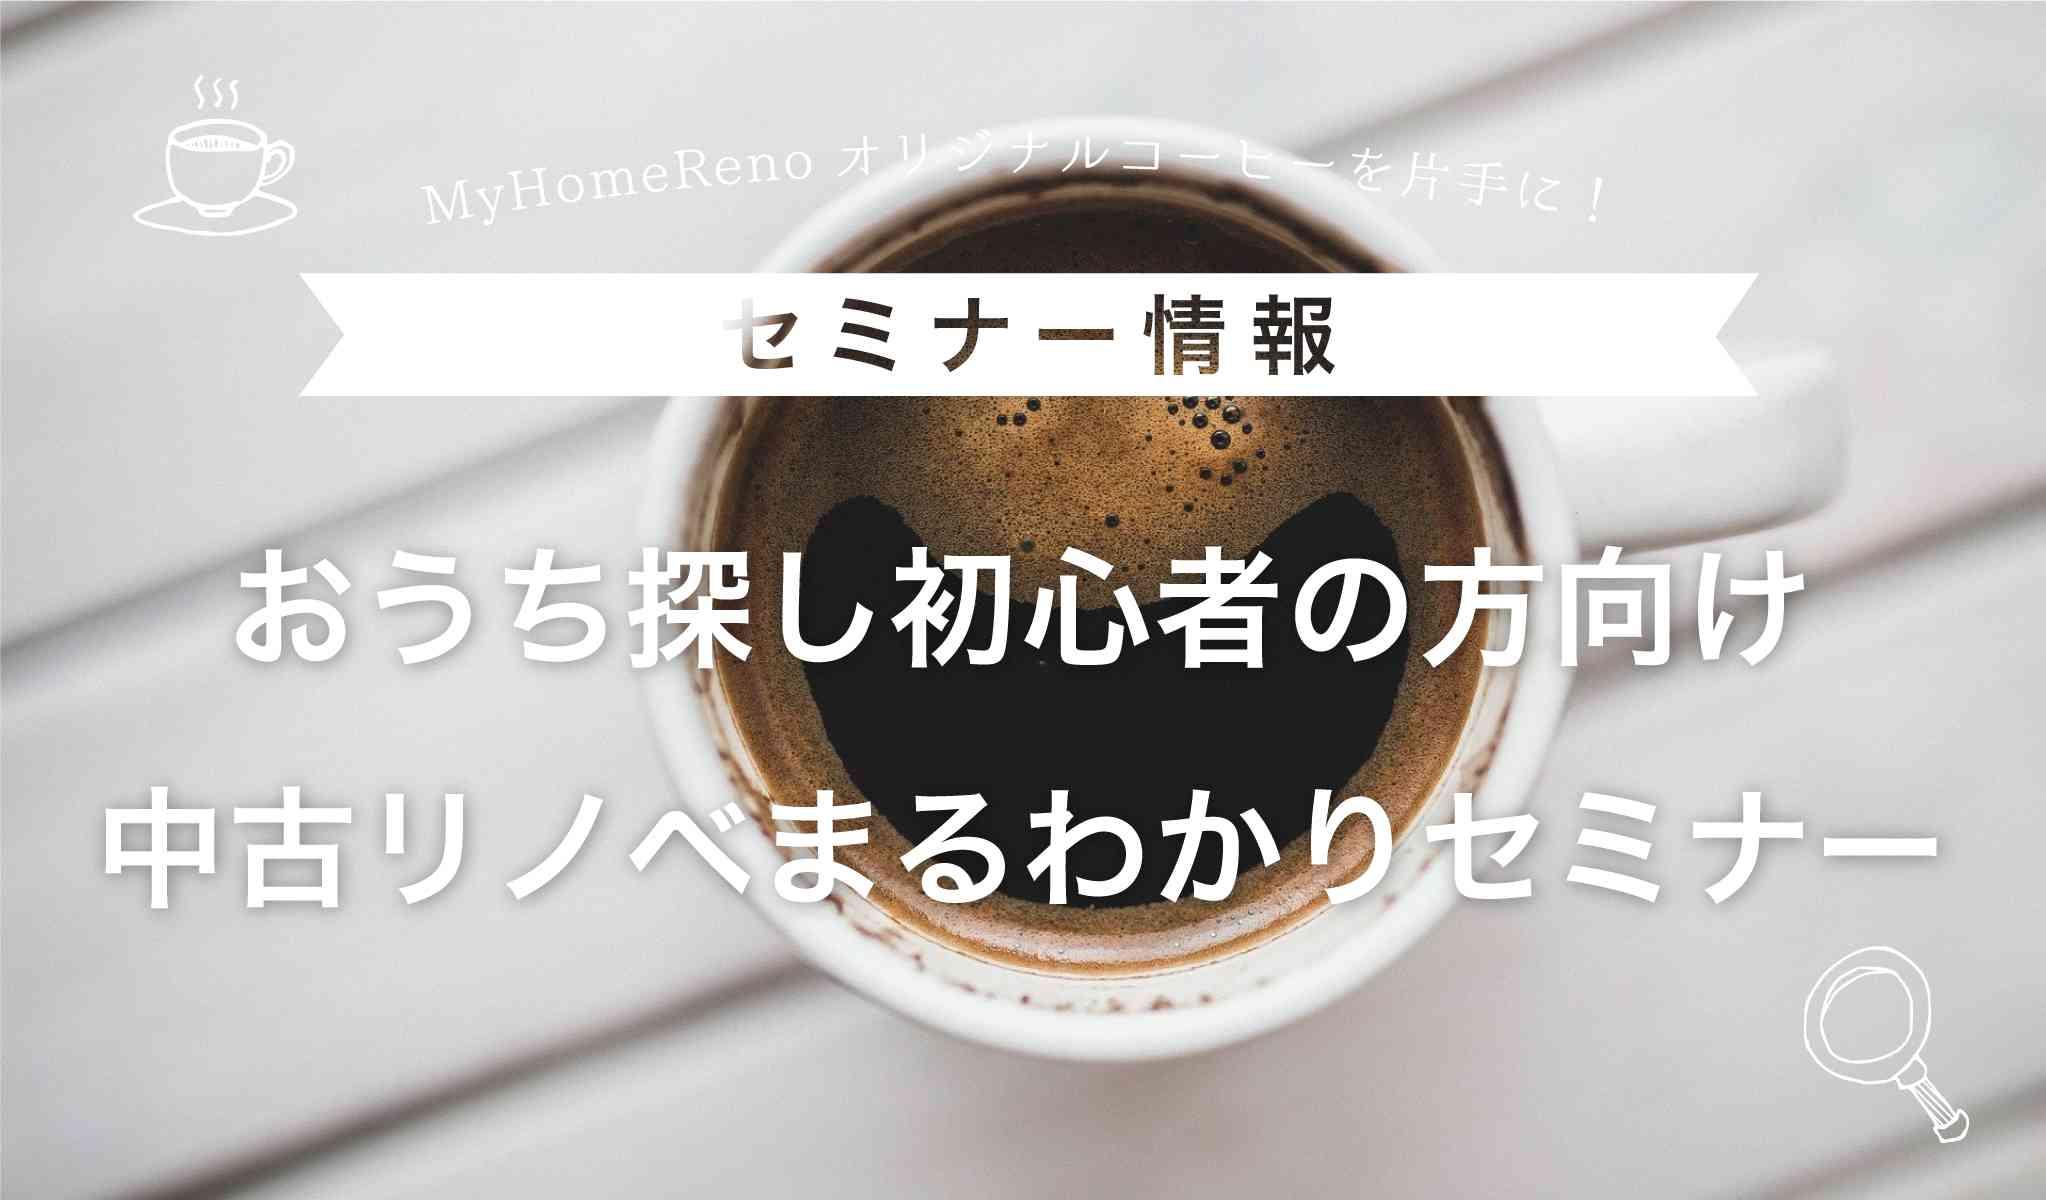 My Home Renoオリジナルコーヒーを片手に! ~おうち探し初心者の方向け~「中古リノベーションまるわかりセミナー」